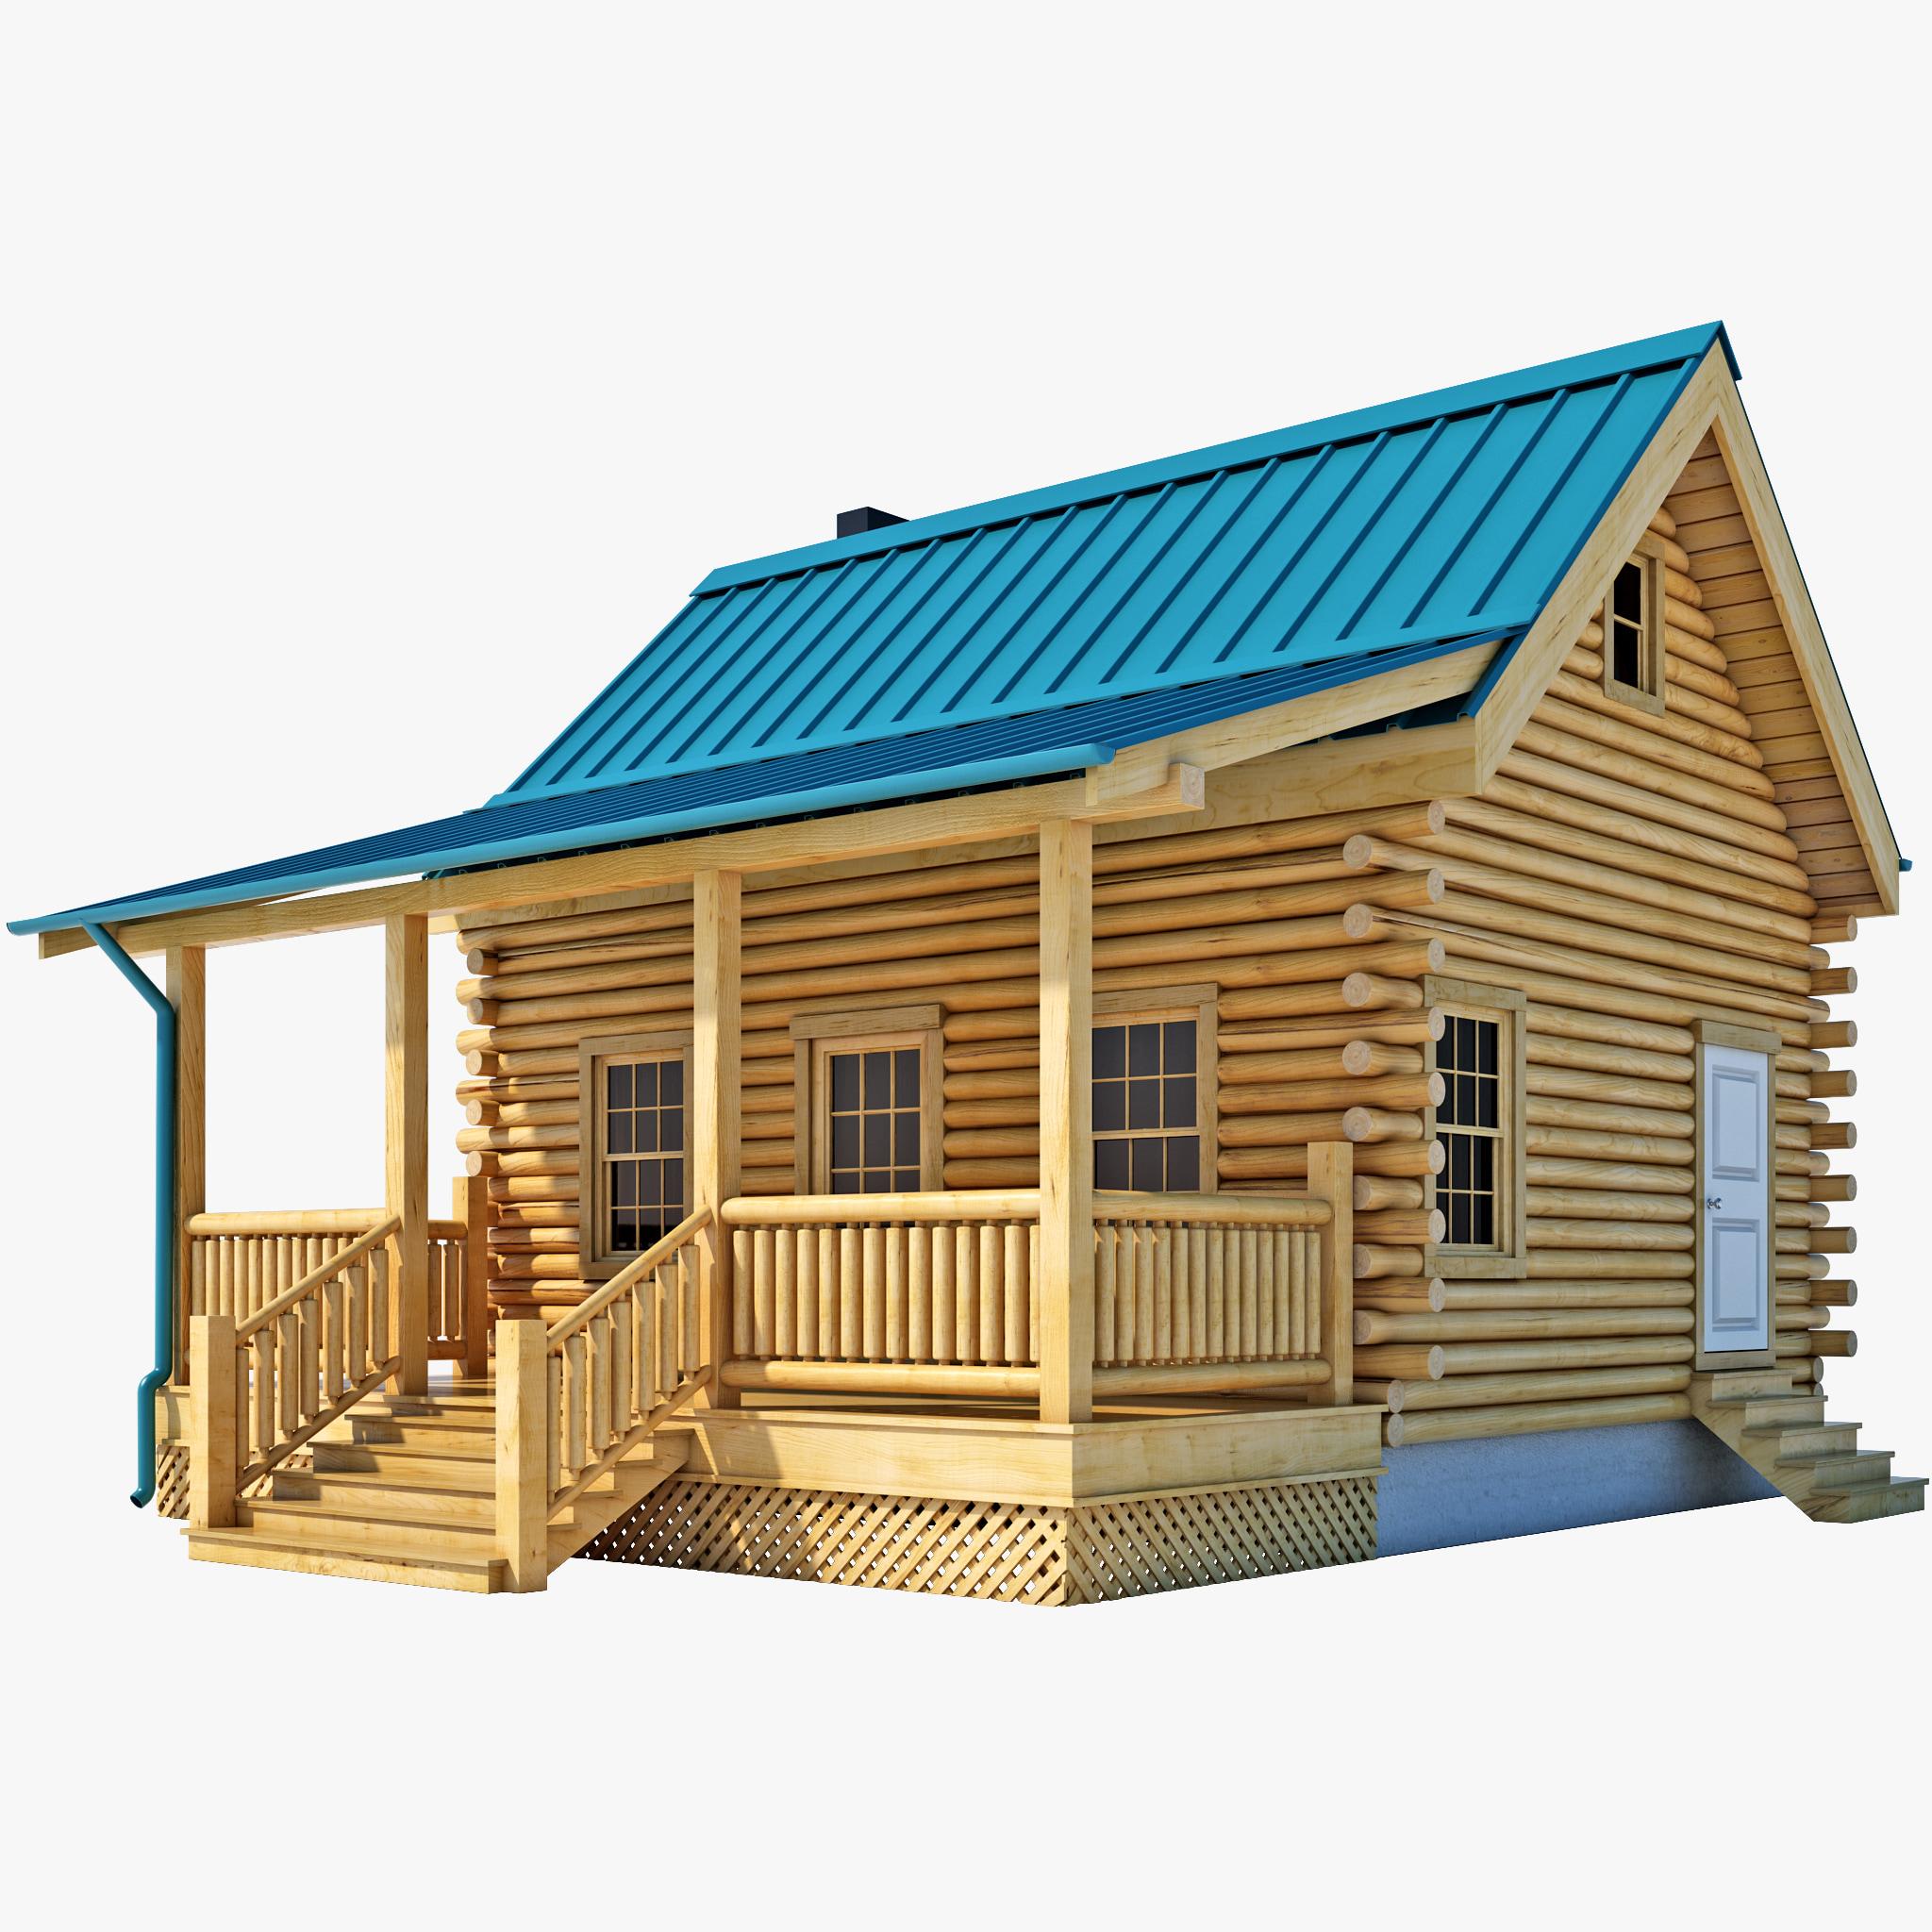 3d log cabin house for 3d house model